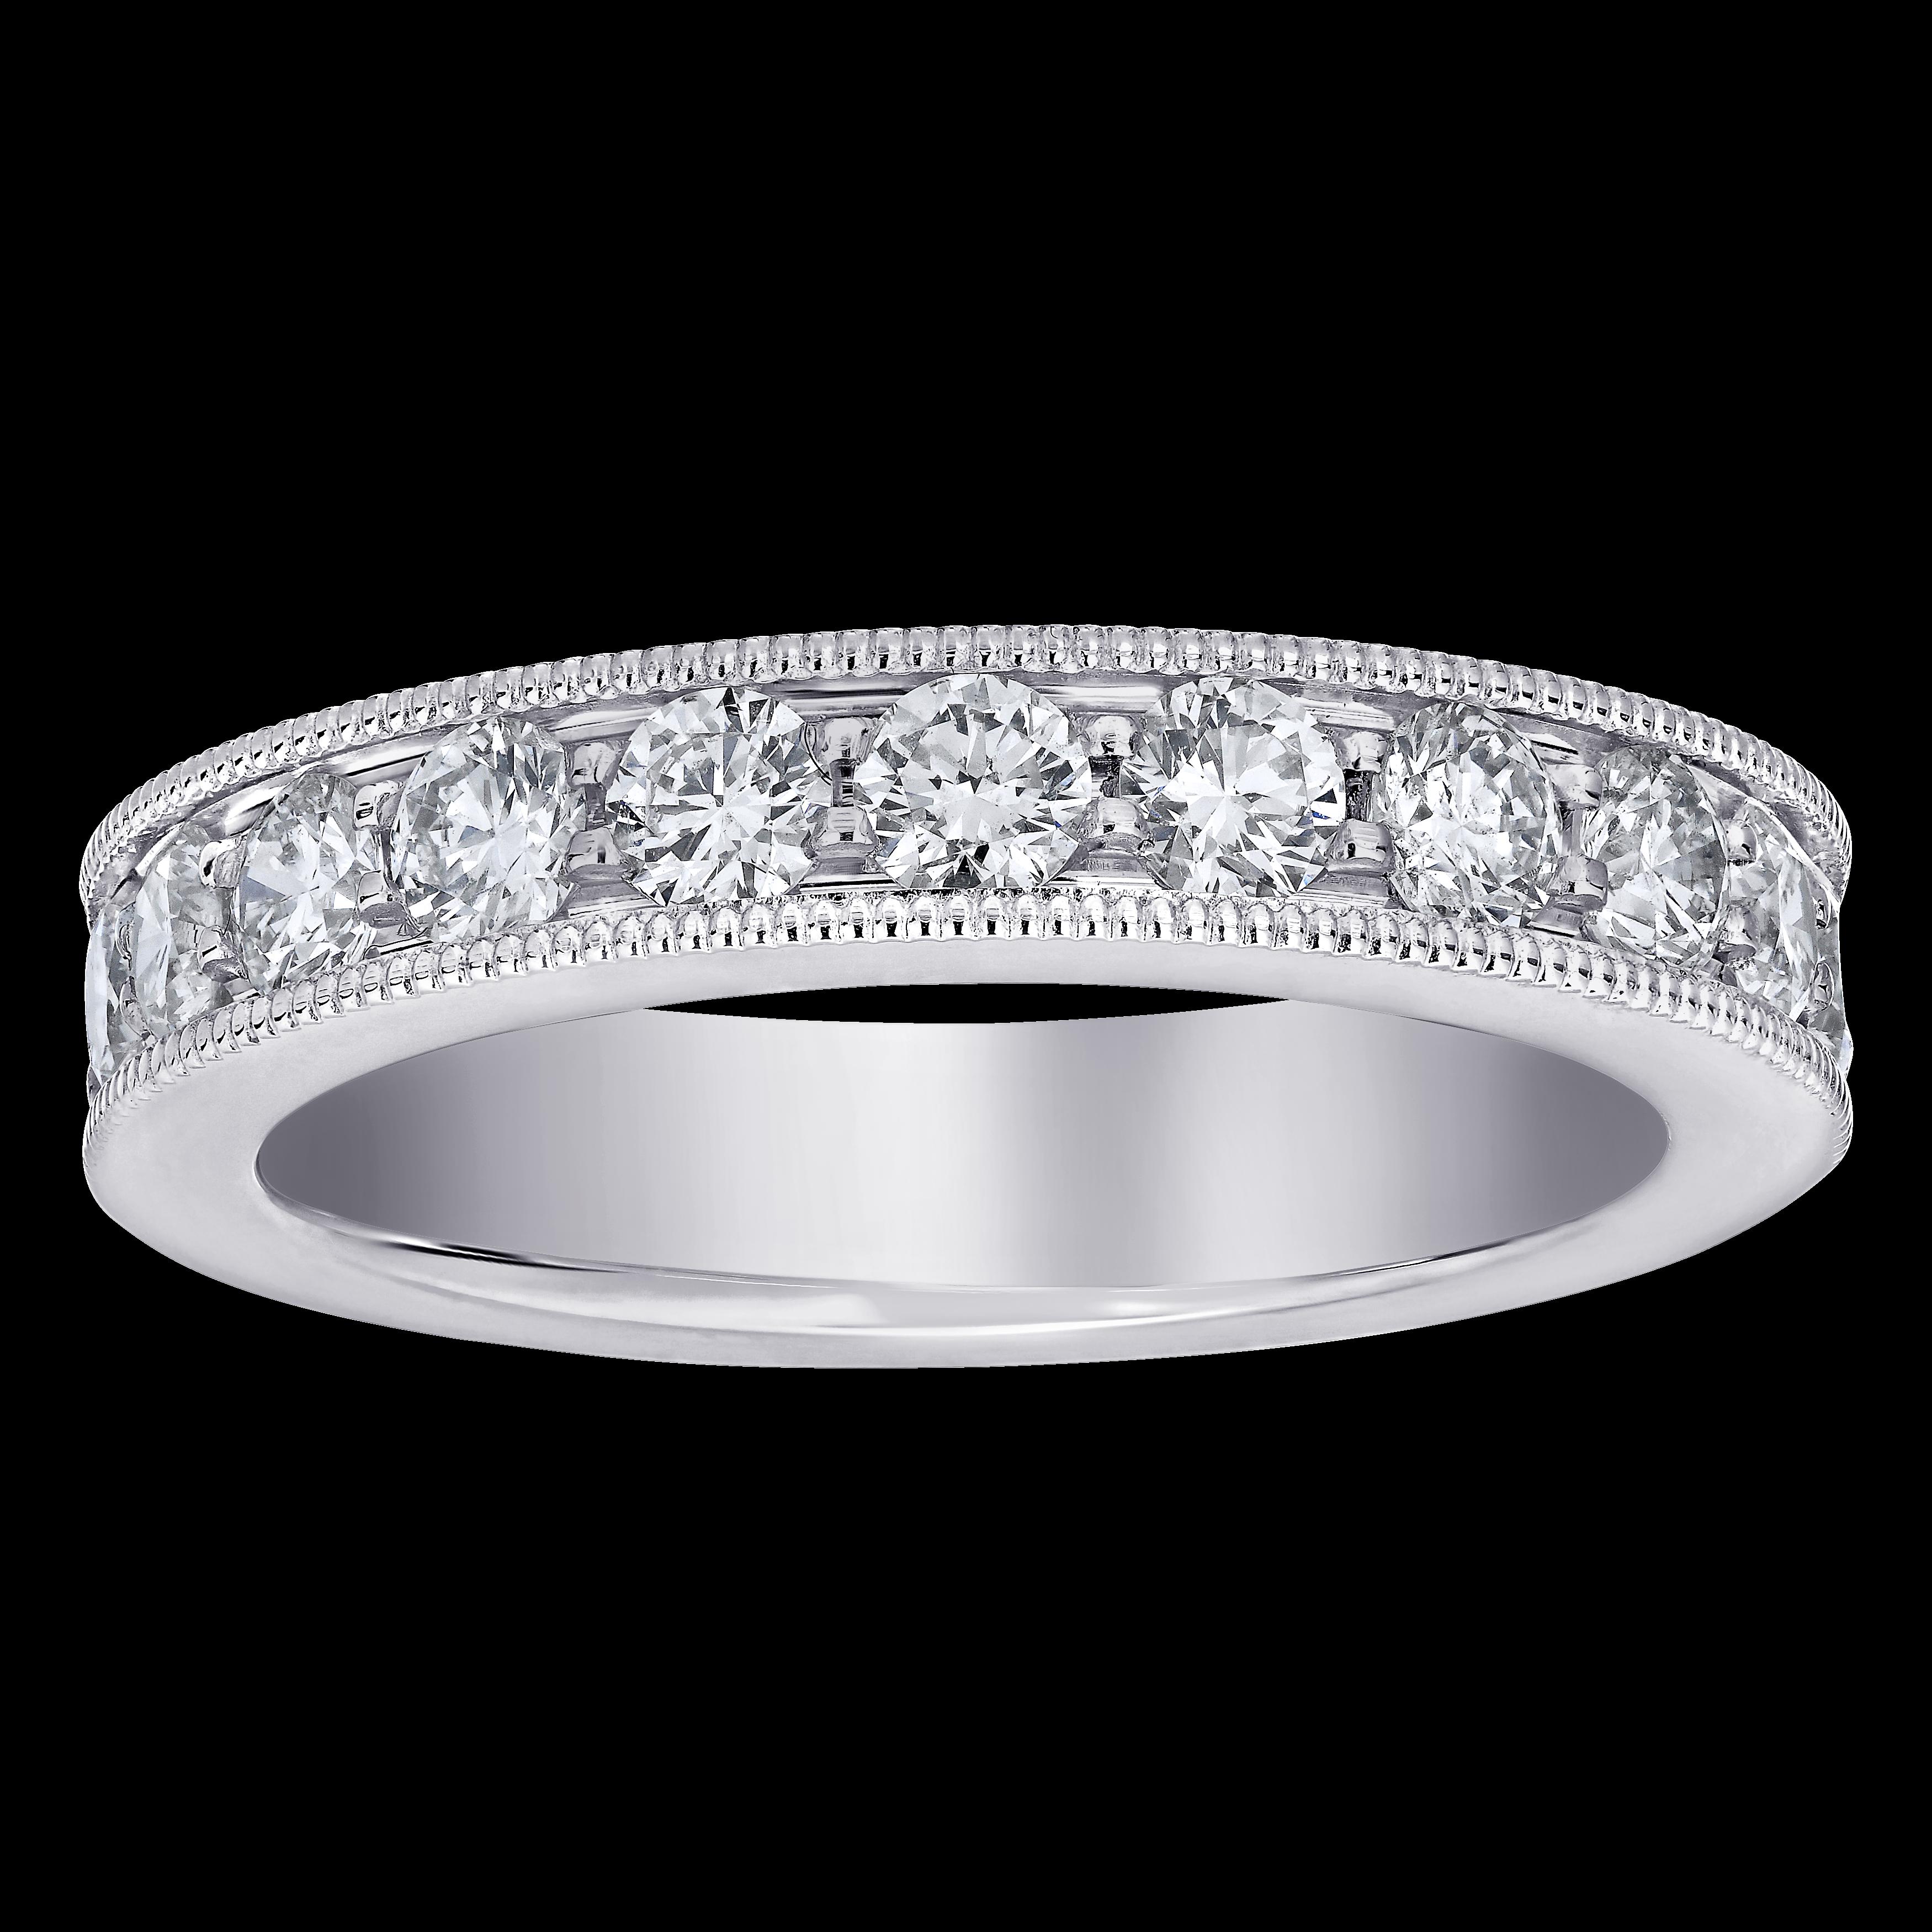 https://www.amidonjewelers.com/upload/product/242601EU2_0c549b7b-4710-4b66-9779-6d109563aa4d.png